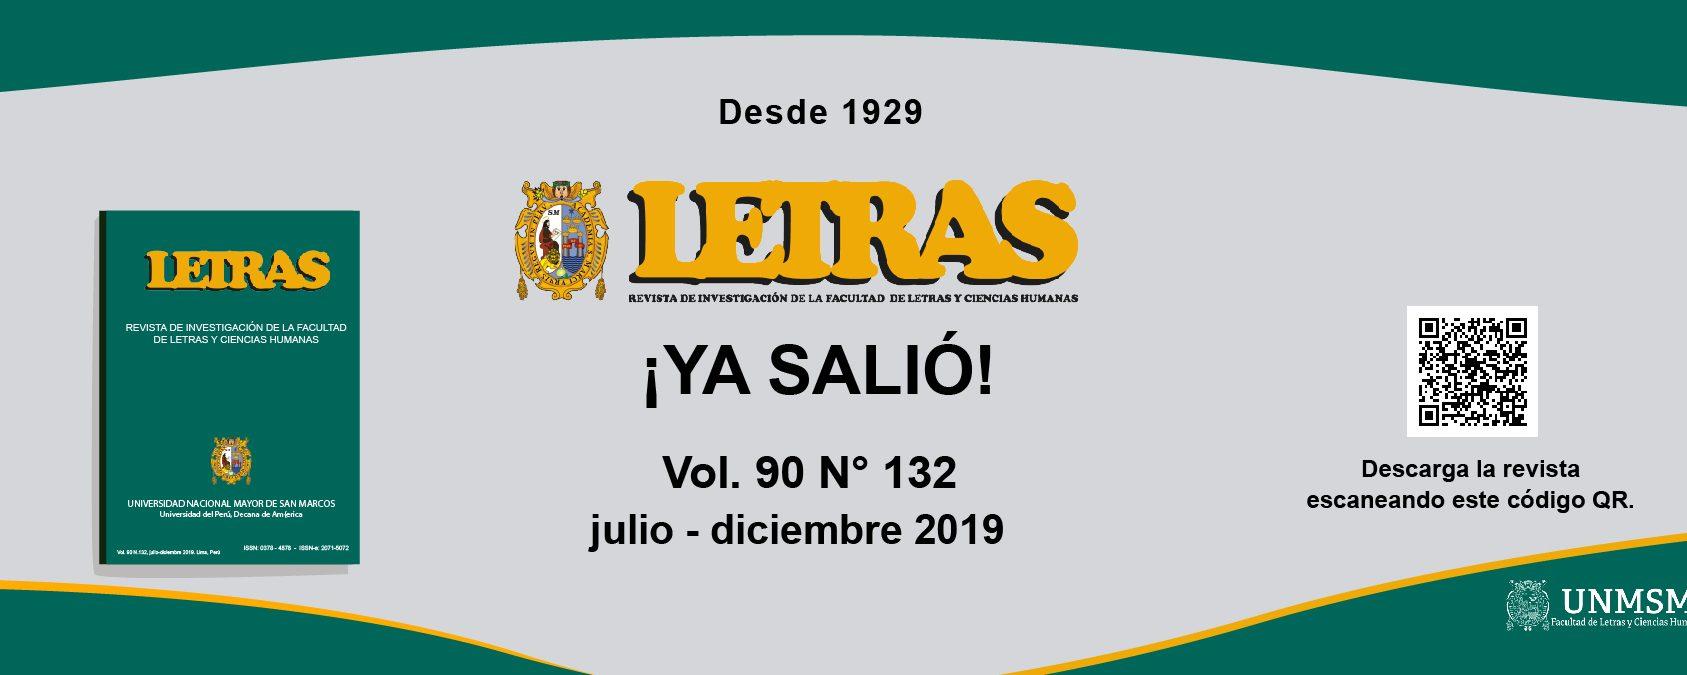 Revista Letras 2019 Julio - Diciembre